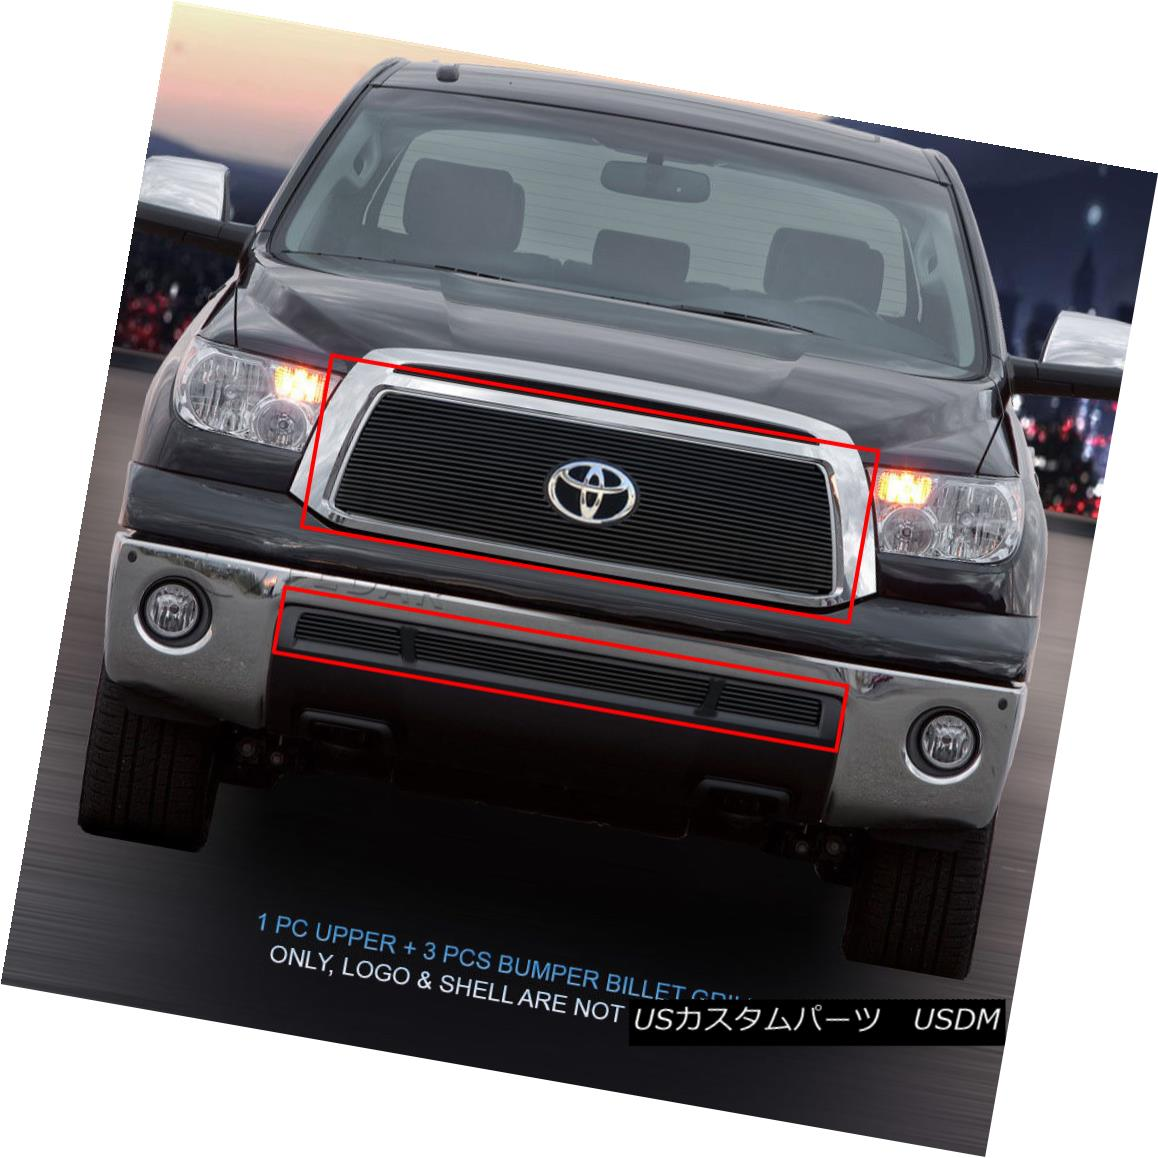 グリル 2010-2013 Toyota Tundra Black Billet Grille Grill Combo 4 Pcs Fedar 2010-2013トヨタトンドラブラックビレットグリルグリルコンボ4個入りFedar